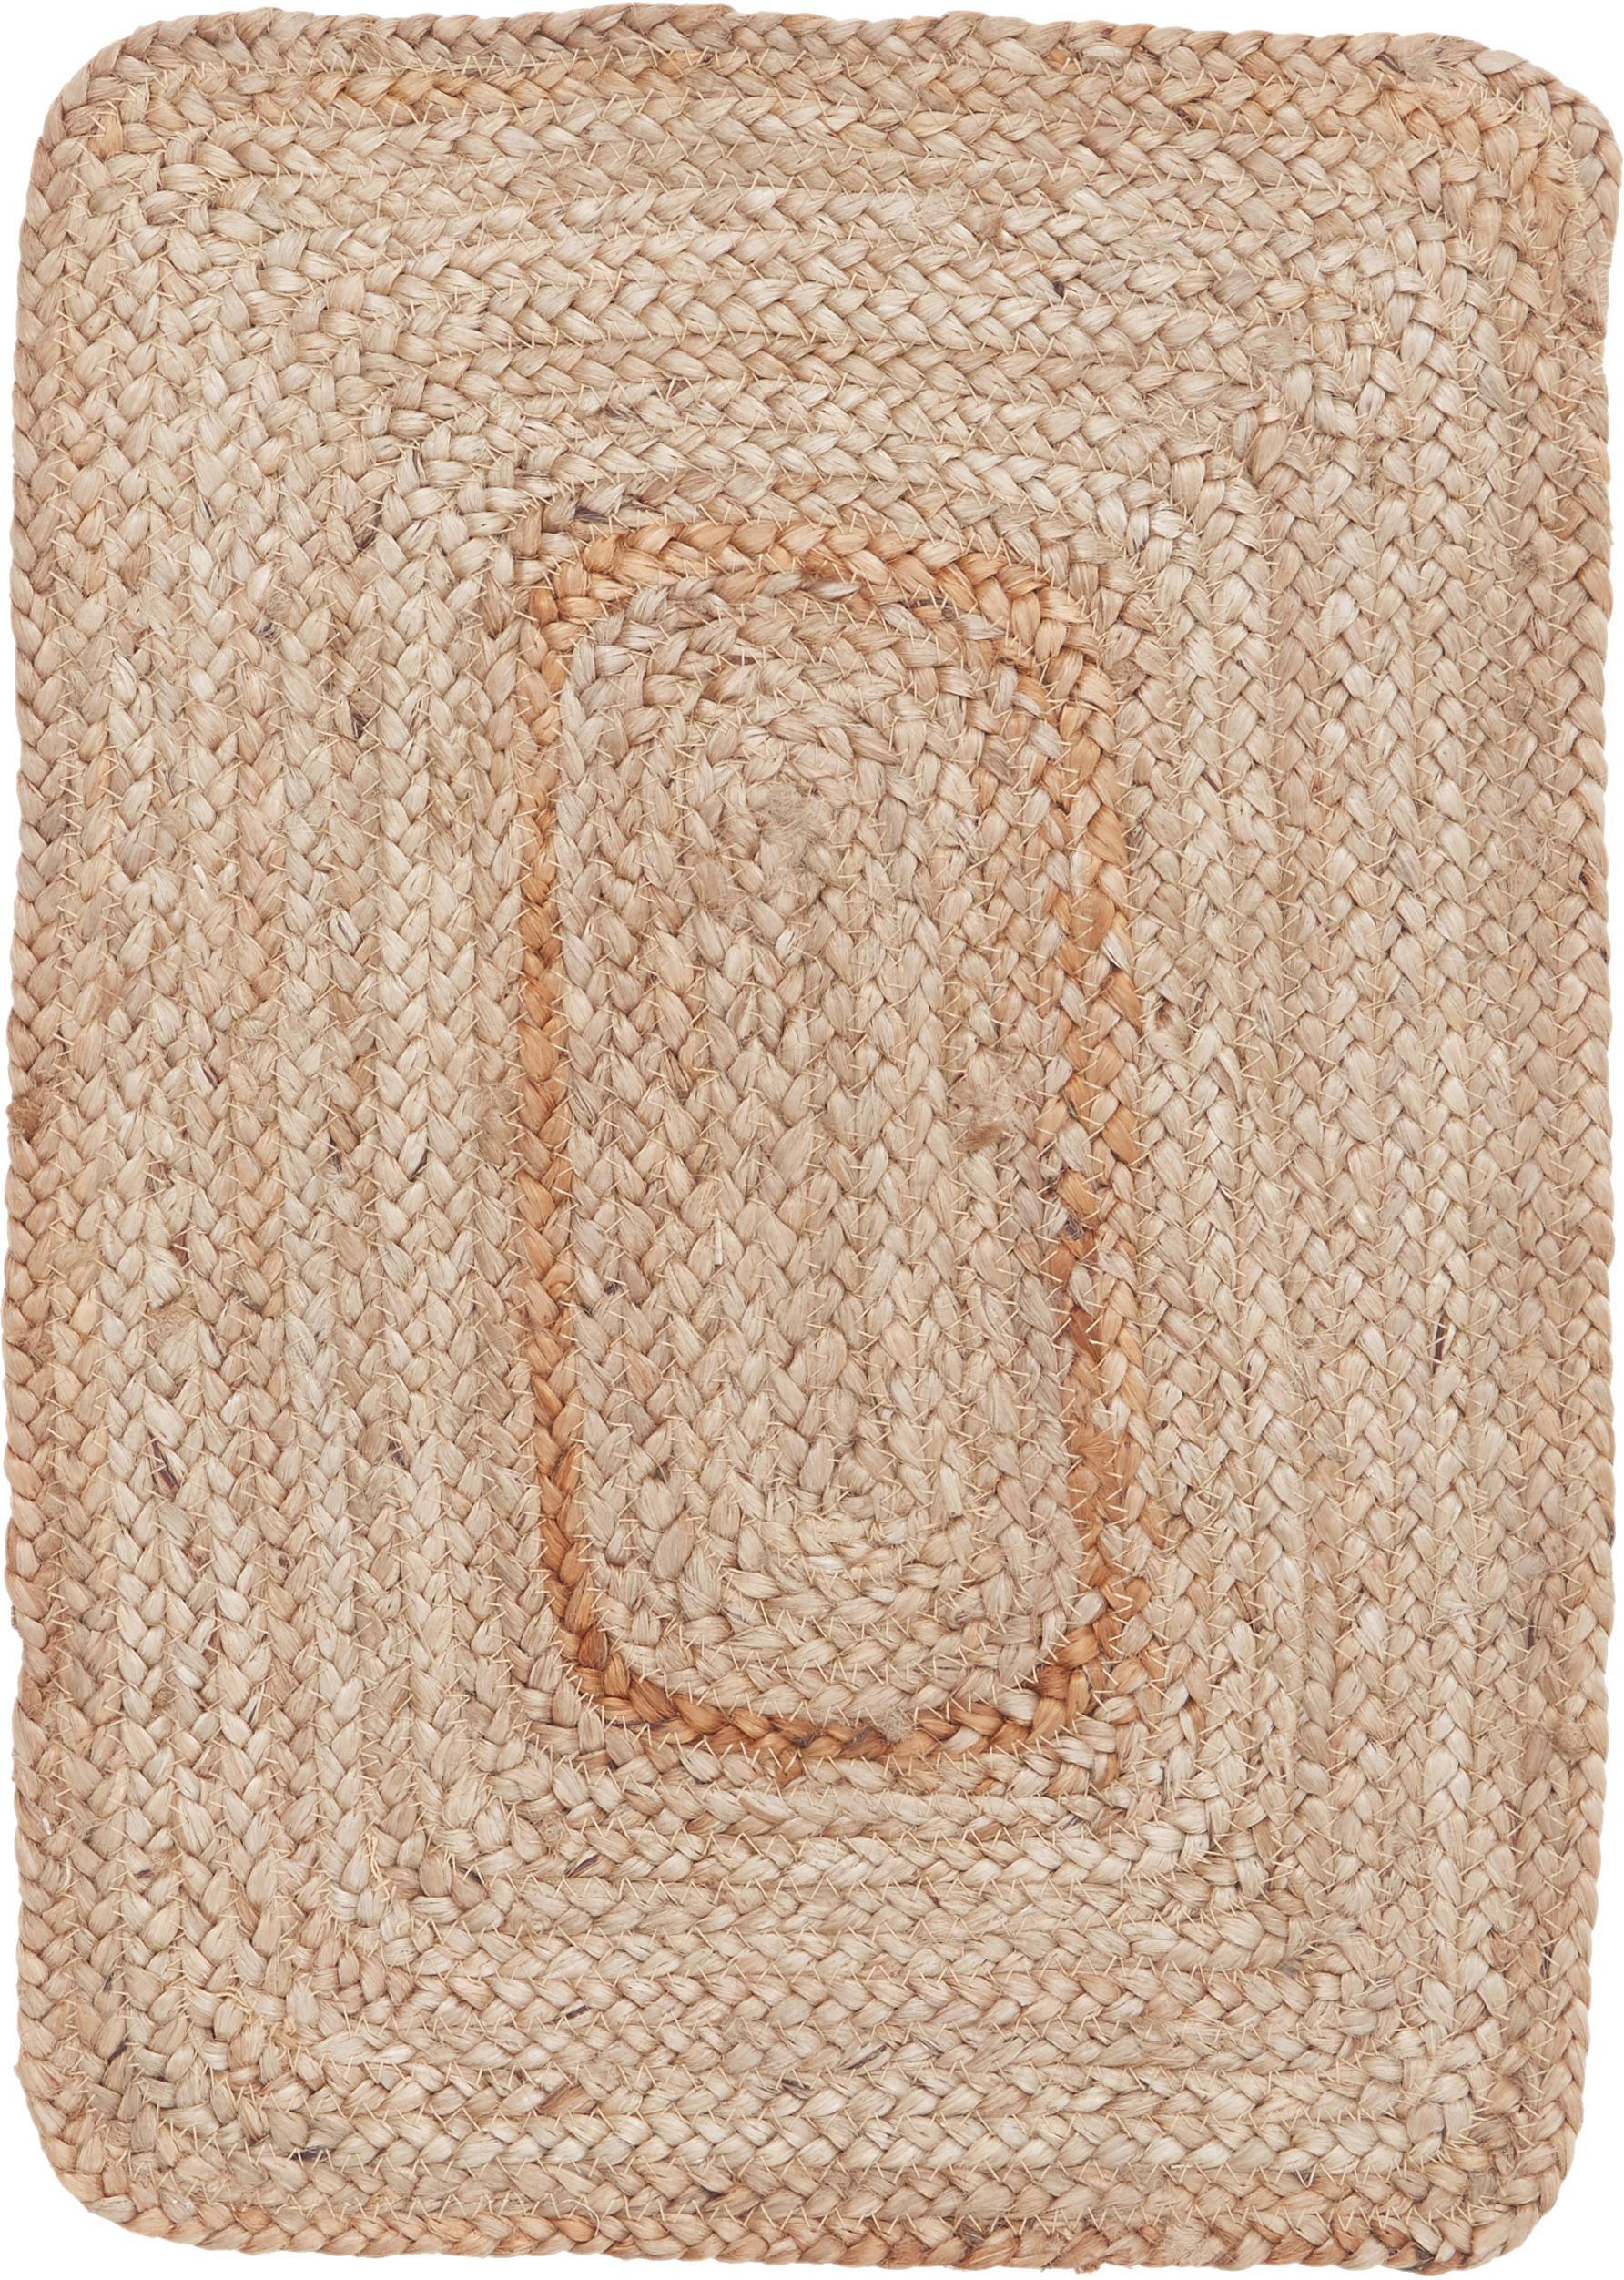 Podkładka z juty Ural, 2 szt., Juta, Juta, S 35 x D 50 cm